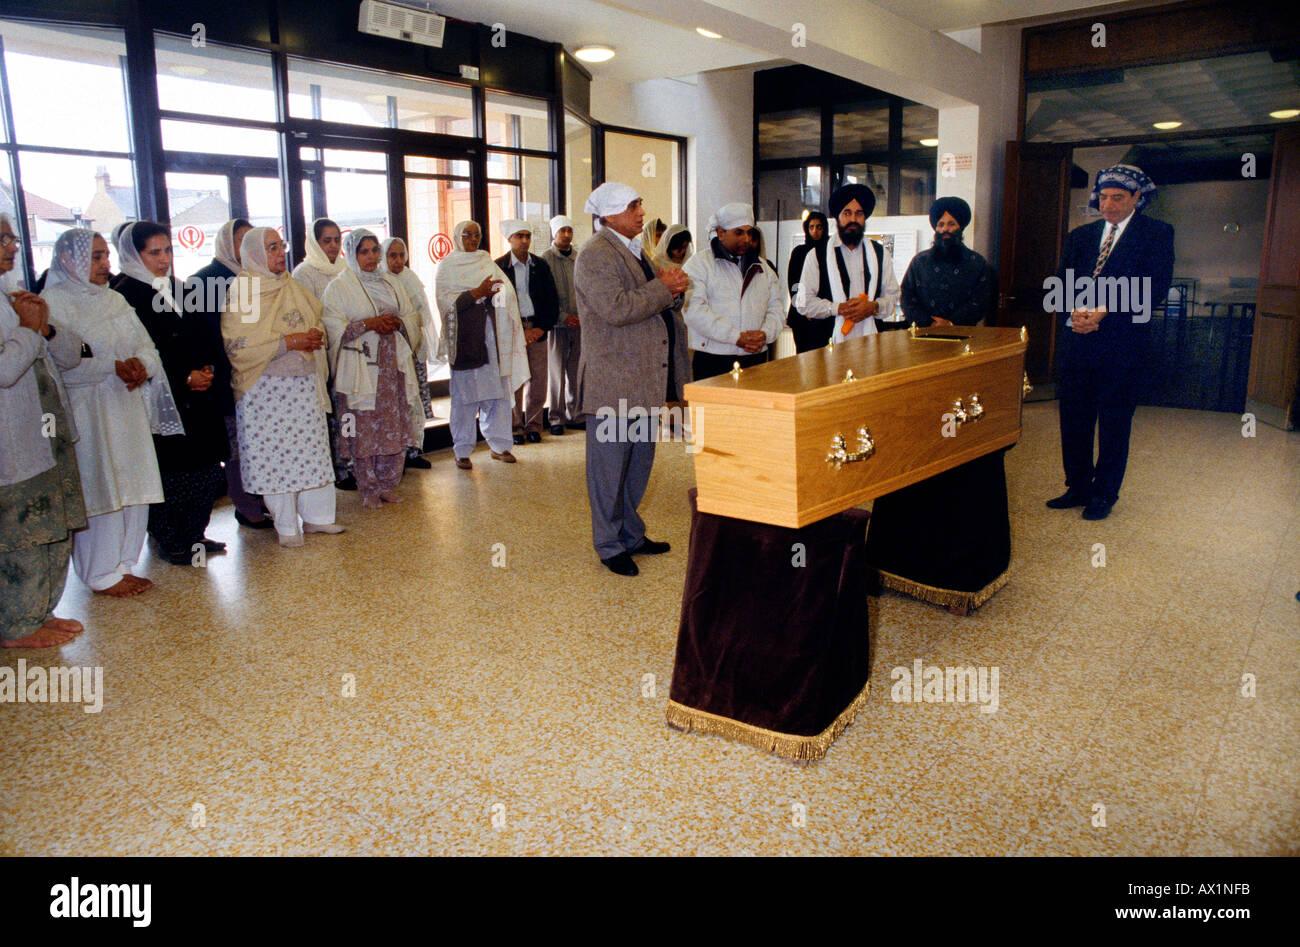 Sikh Funeral Coffin In Gurdwara People Praying - Stock Image